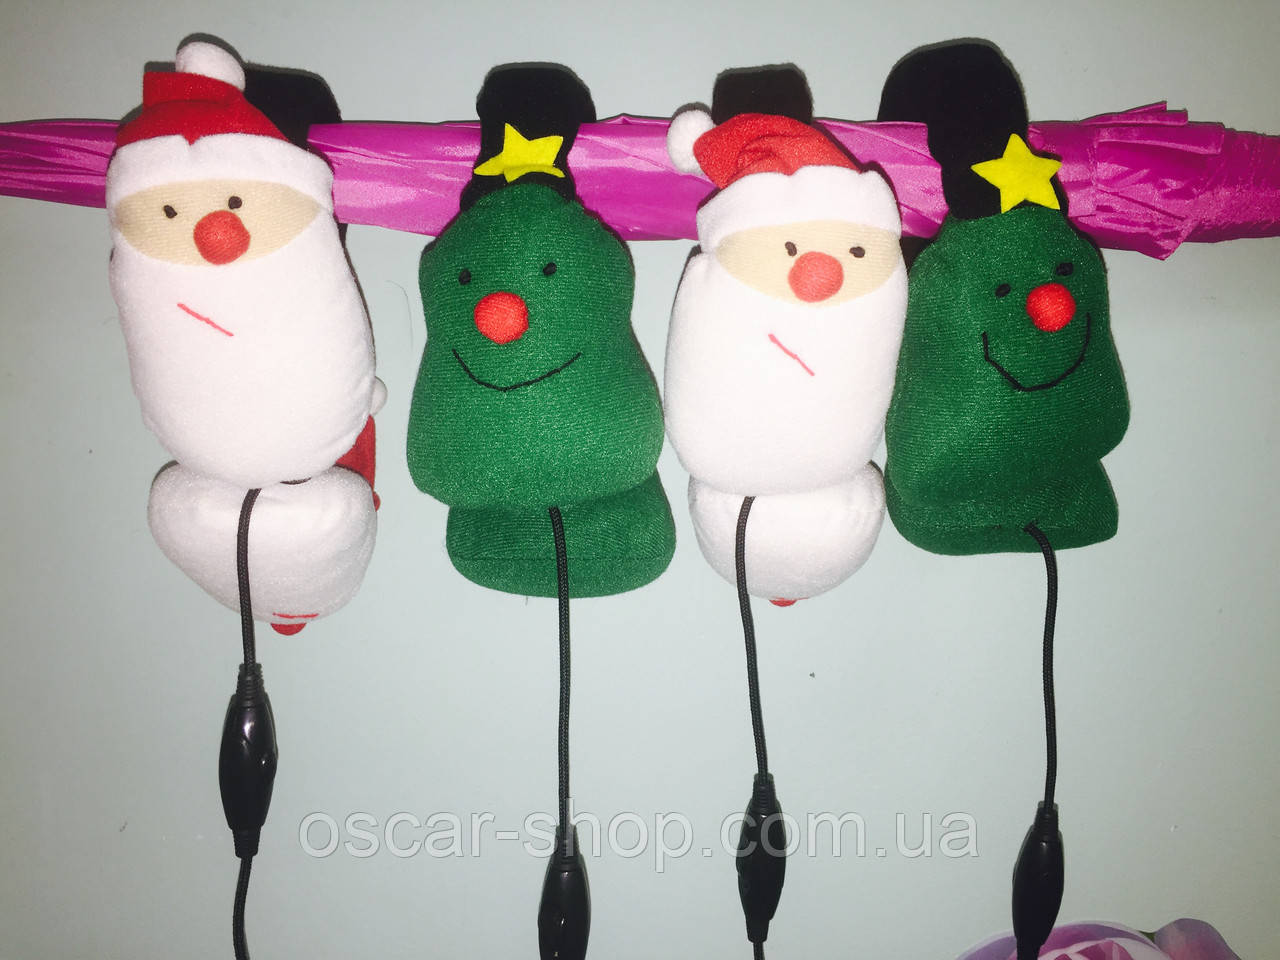 Теплі м'які навушники гарнітура Санта і Ялиночка ( можна слухати музику і говорити по телефону )